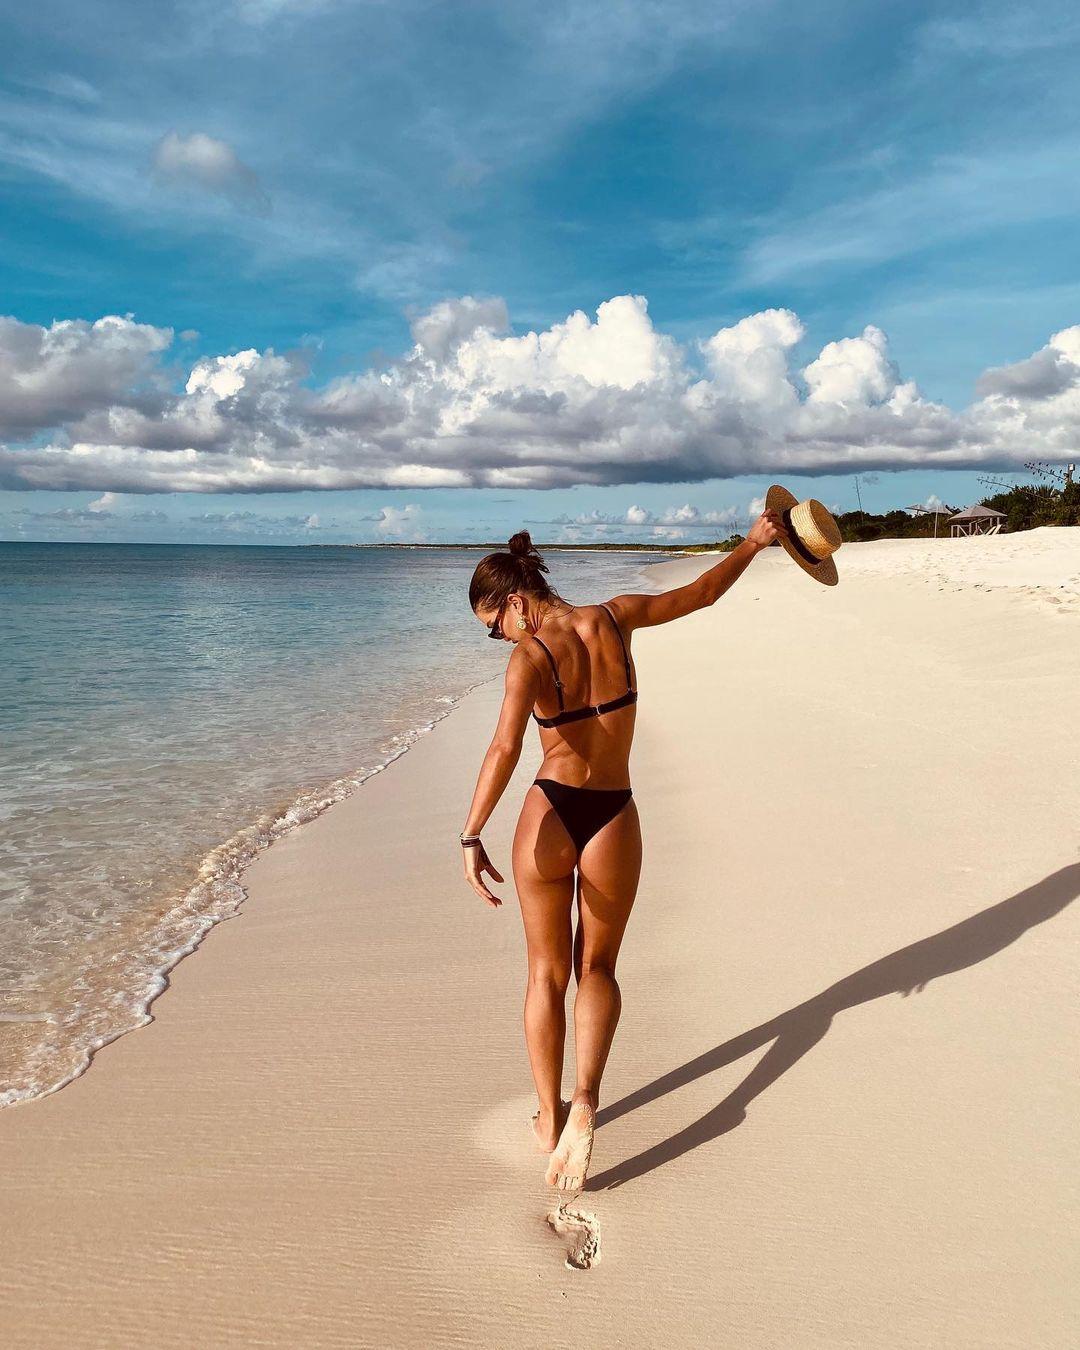 Dicas para fotos incríveis na praia